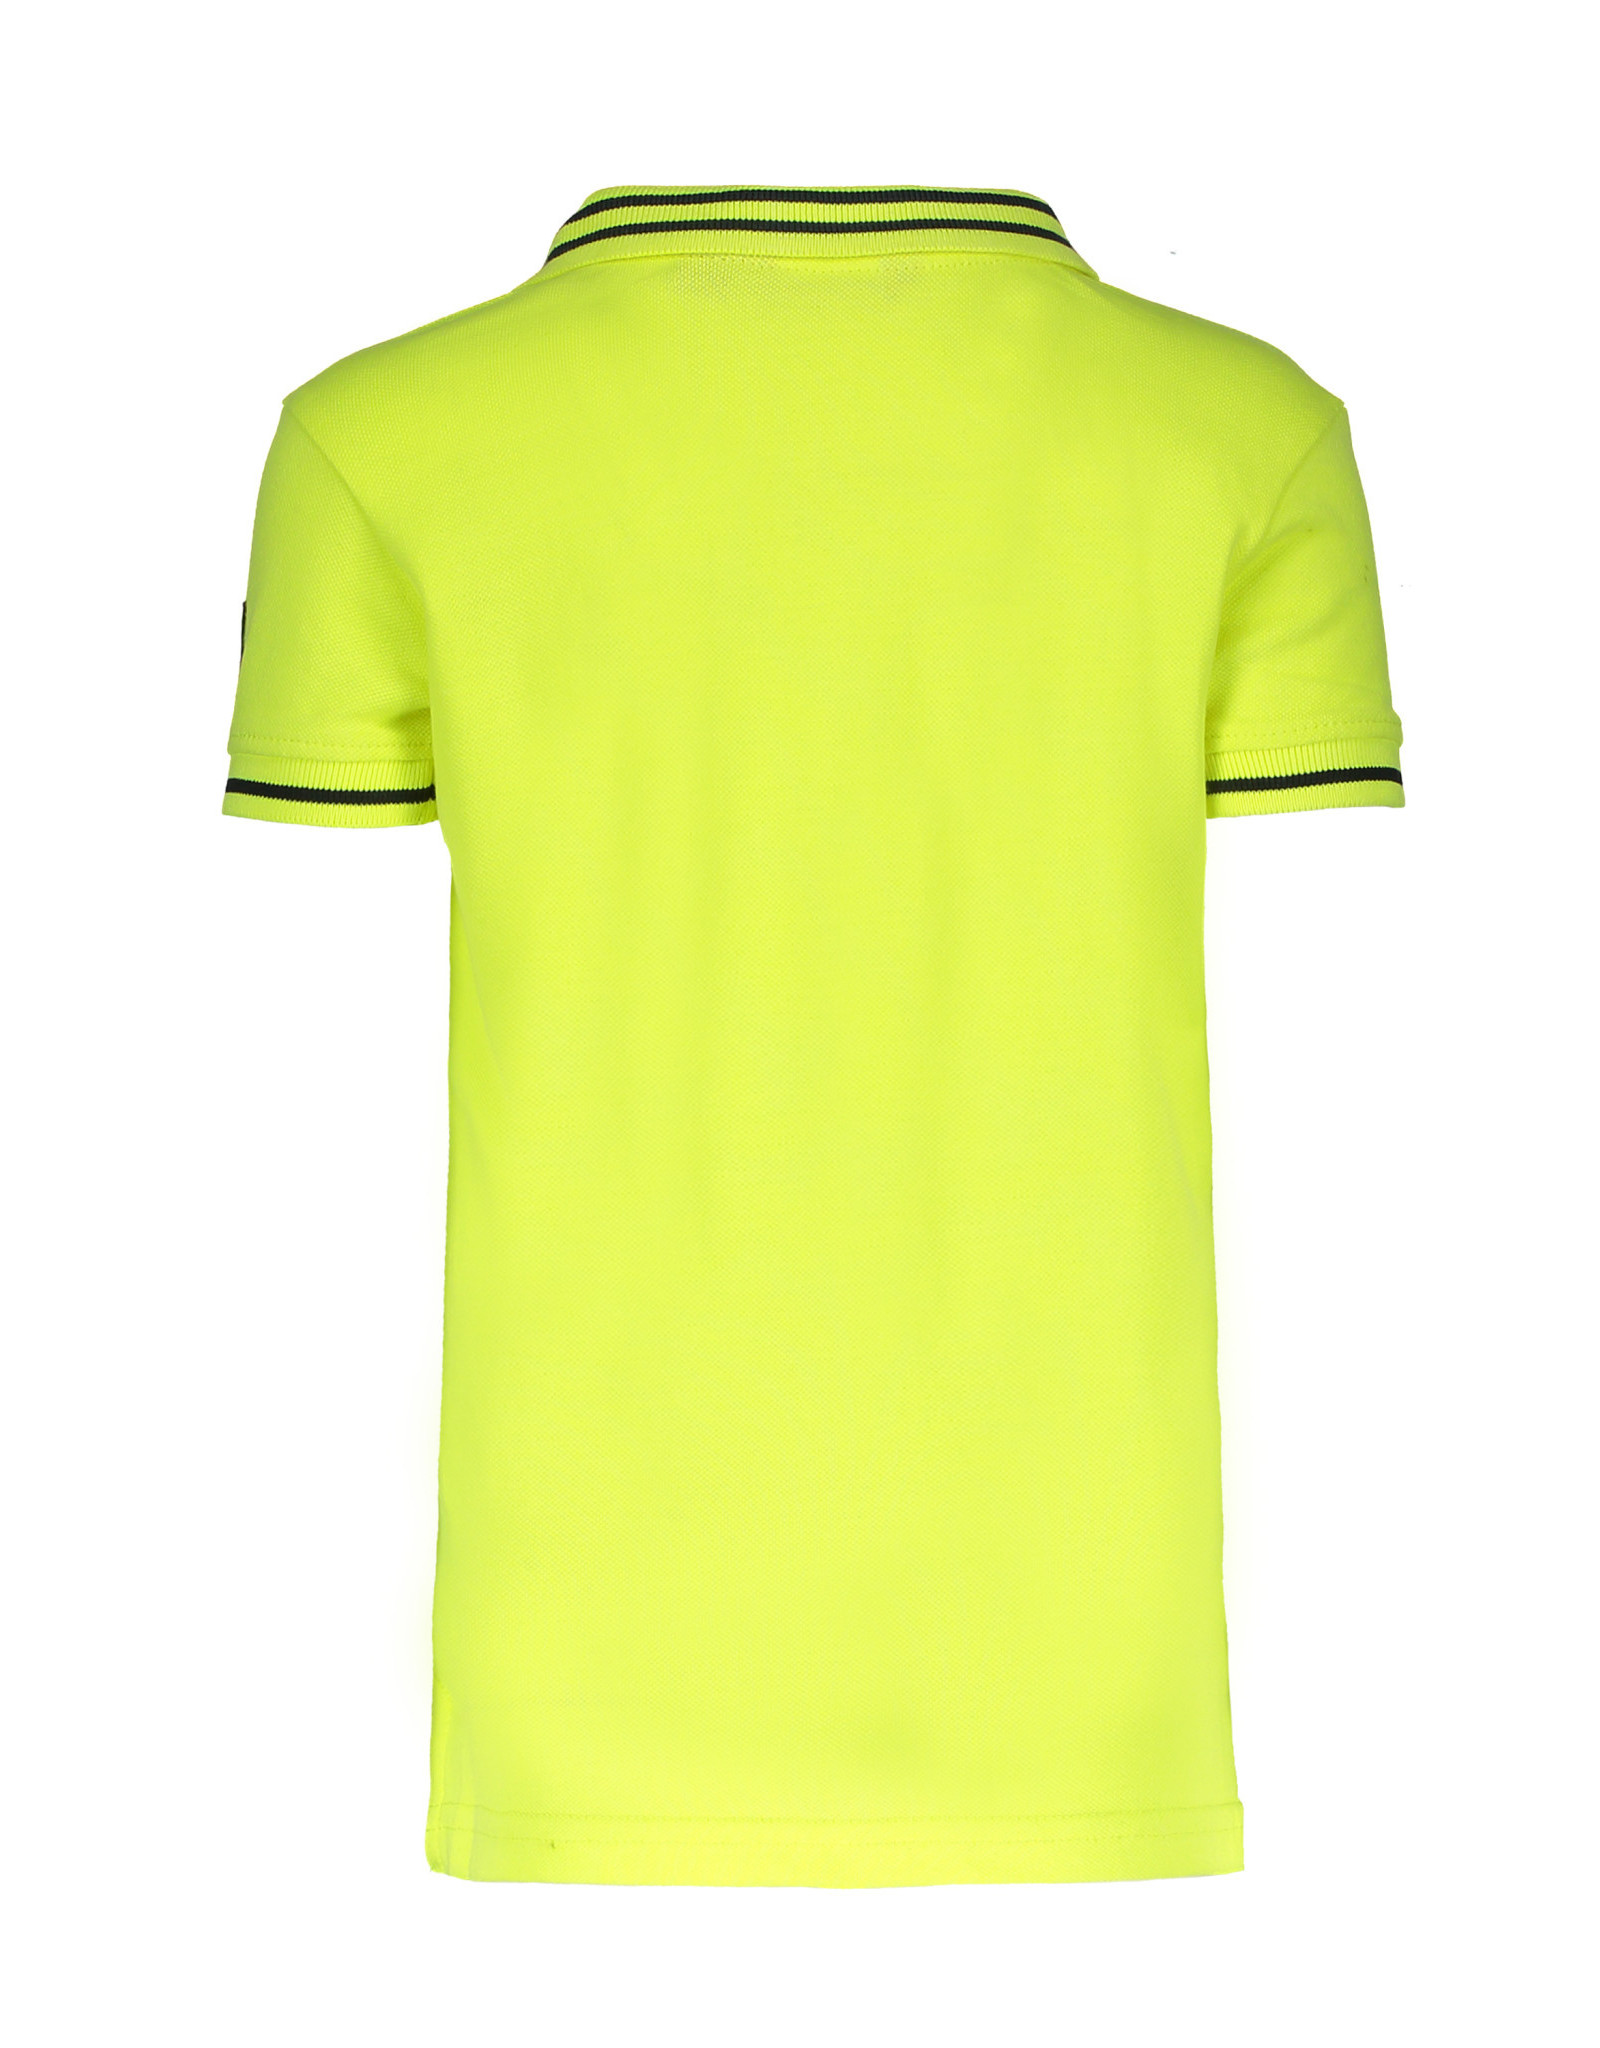 TYGO & vito TYGO & vito jongens polo t-shirt Safety Yellow